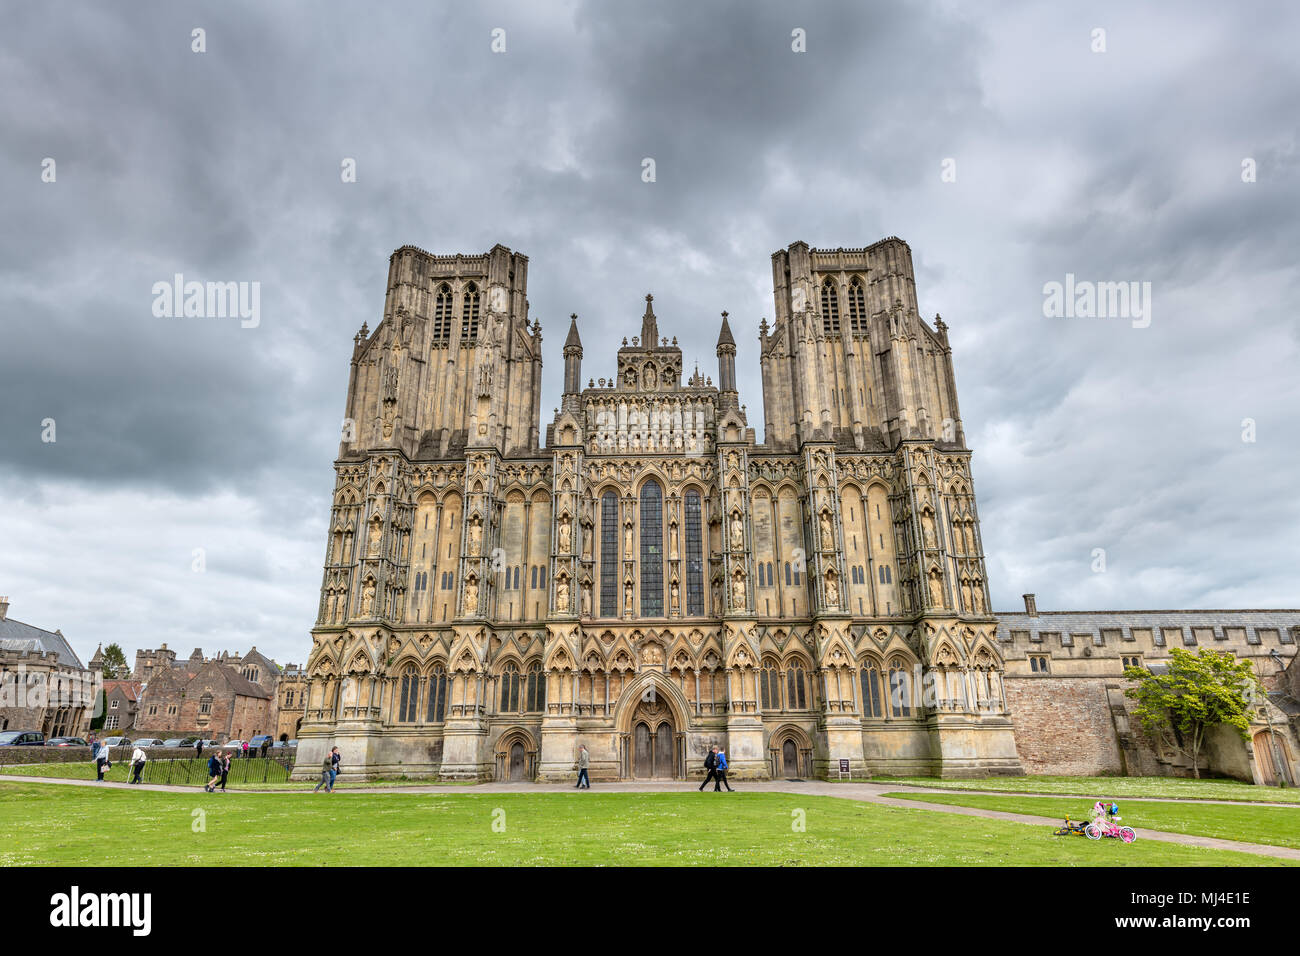 UK Wetter - einen hellen und warmen Tag gibt weg für einen Nachmittag mit zunehmender Cloud für die Besucher der Kathedrale Grün am Brunnen in Somerset. Credit: Terry Mathews/Alamy leben Nachrichten Stockbild